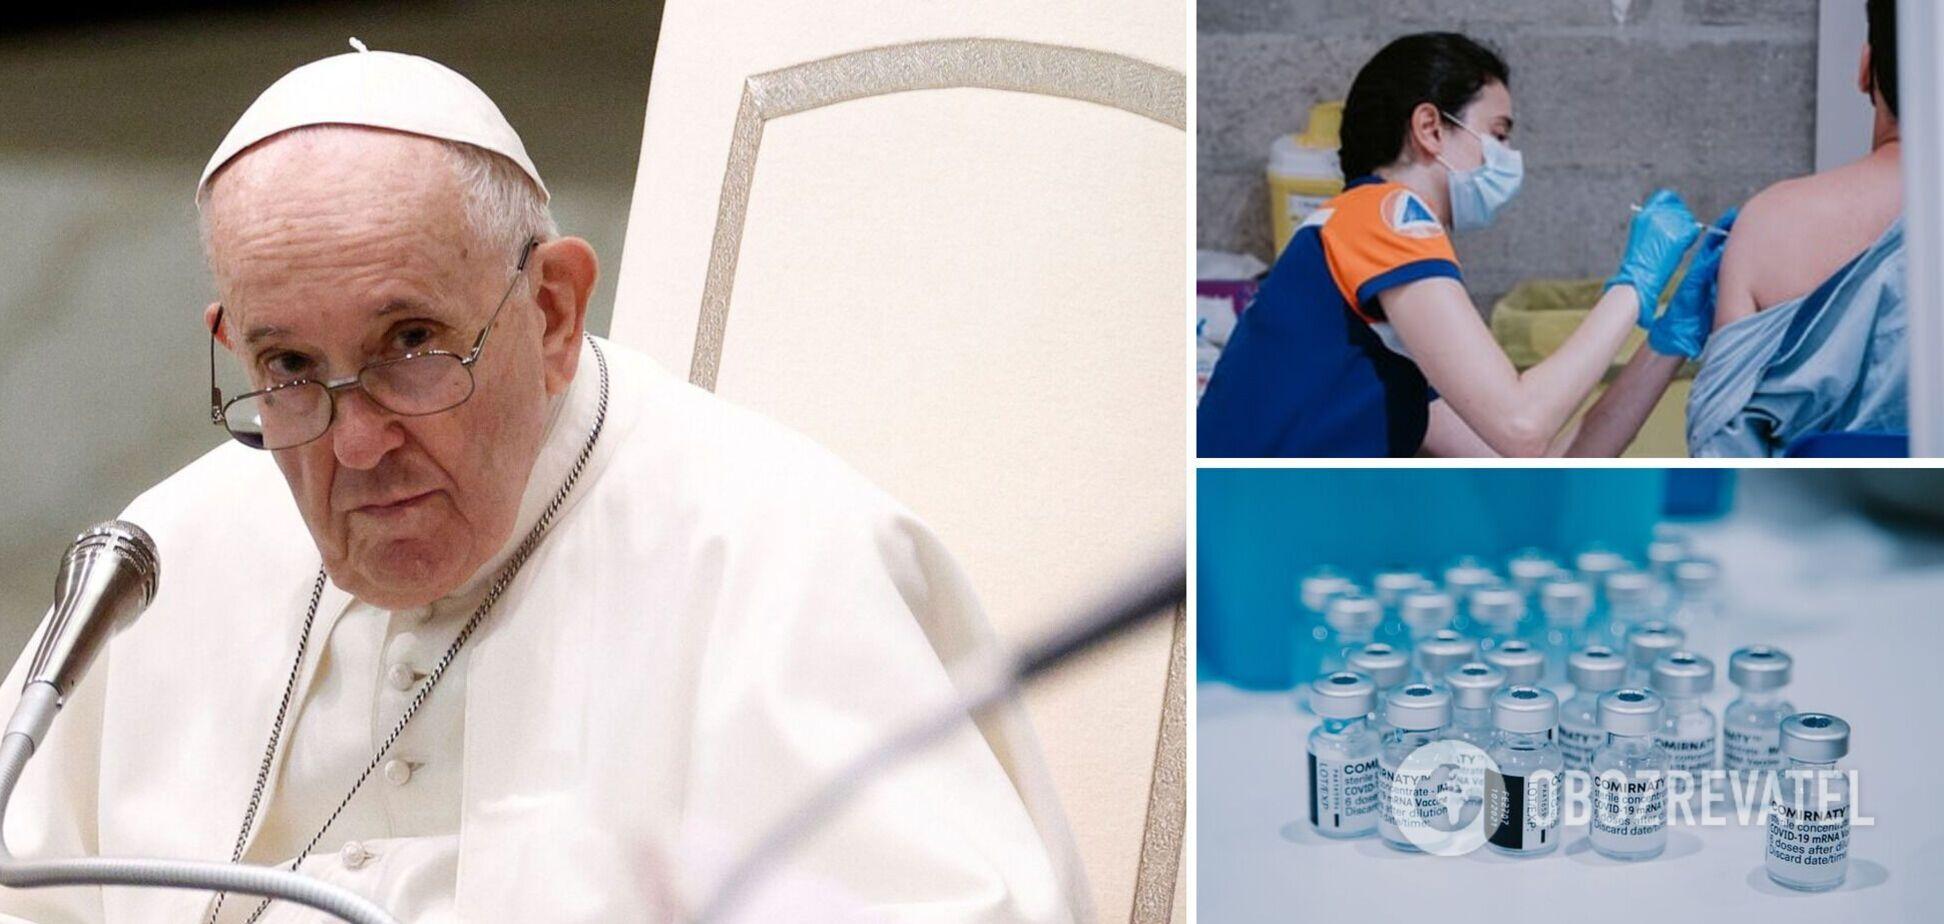 Папа Римский призвал людей вакцинироваться от COVID-19: это простой способ заботы друг о друге